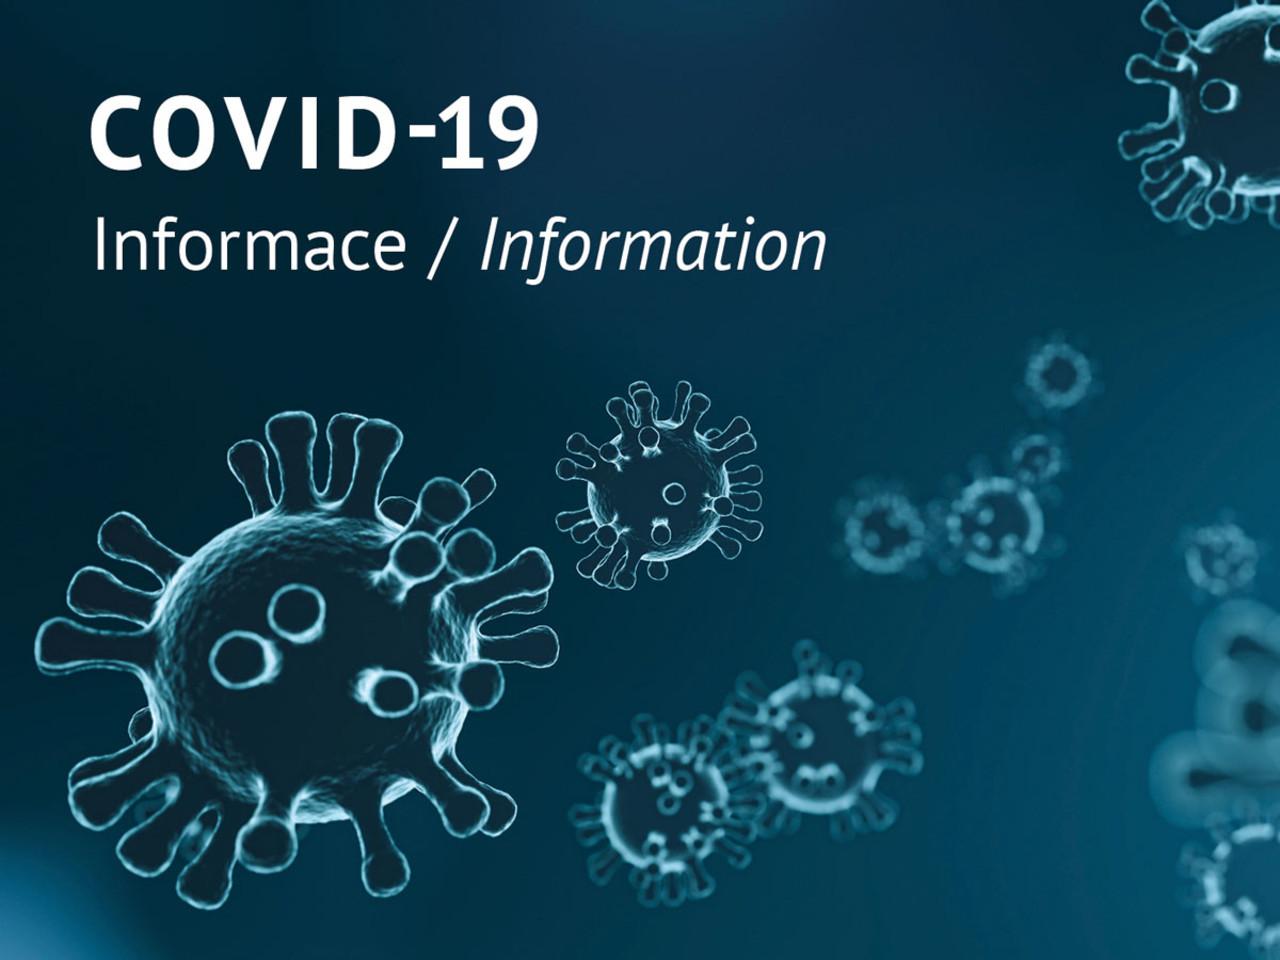 Opatření a doporučení v souvislosti s šířením nového koronaviru: Univerzita  Palackého v Olomouci